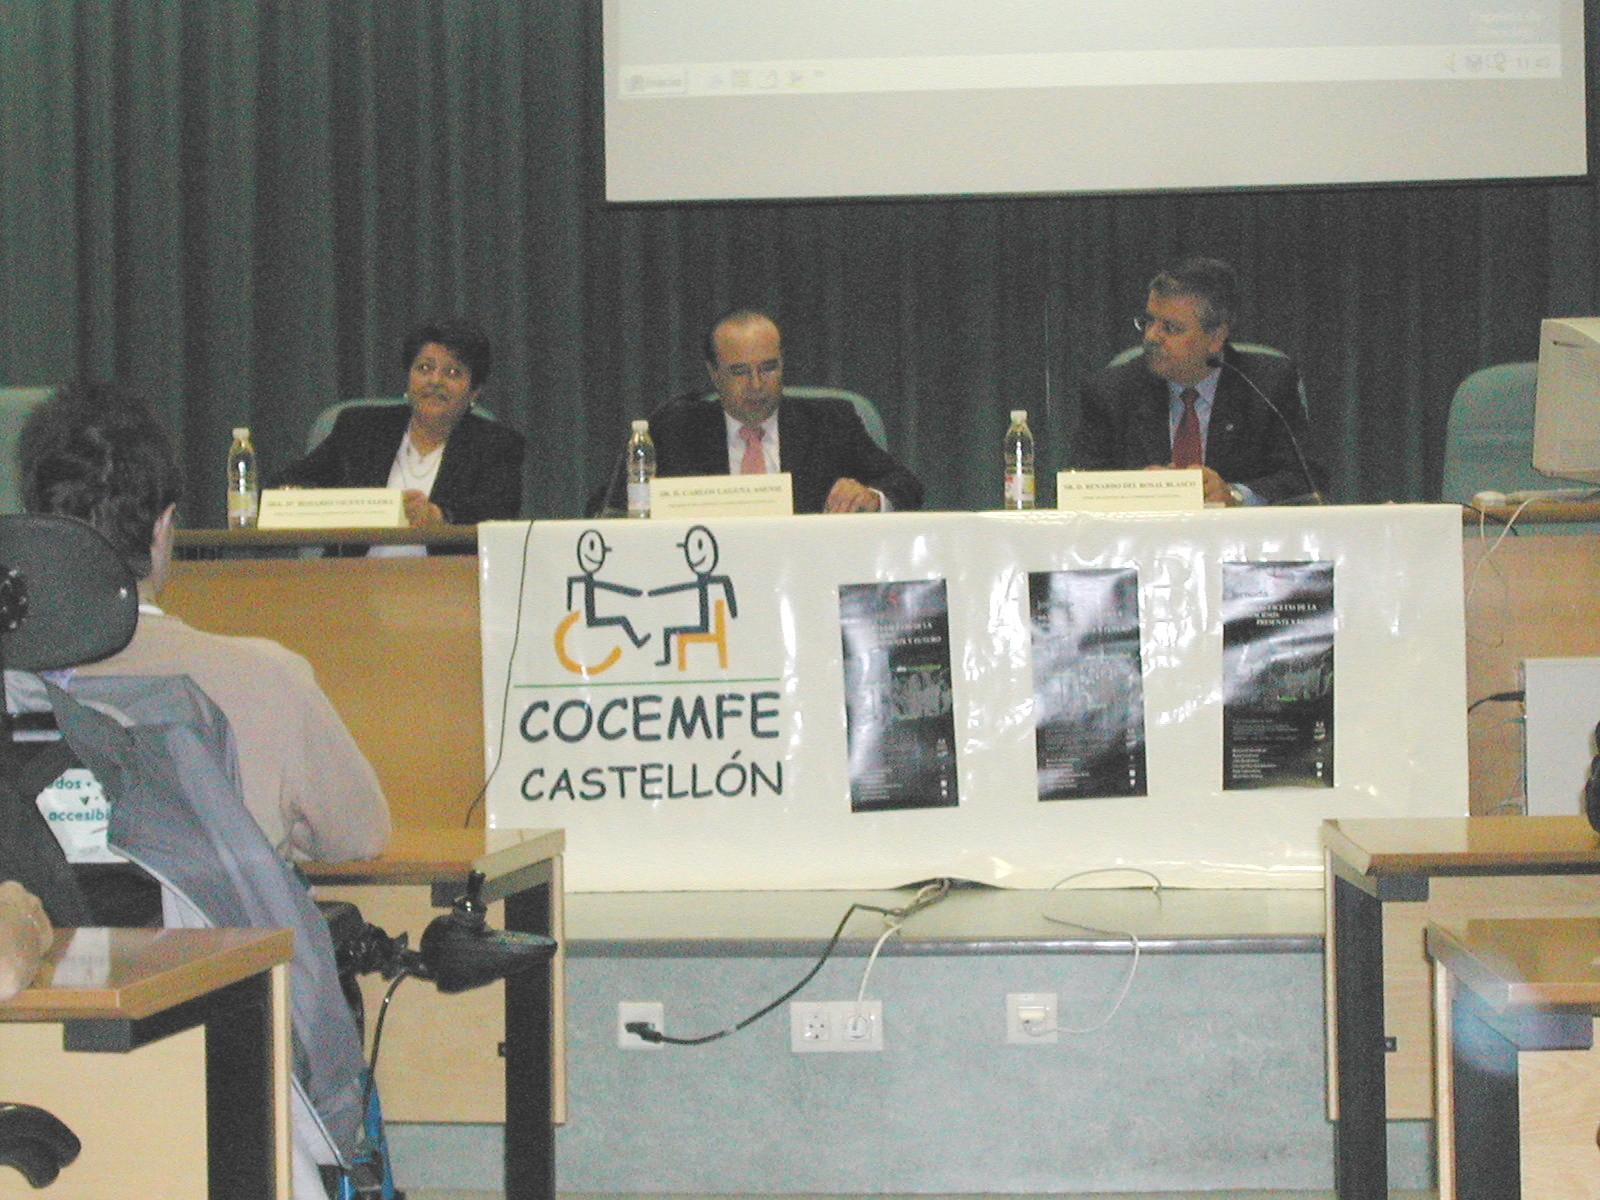 V Jornadas de COCEMFE en Castellón